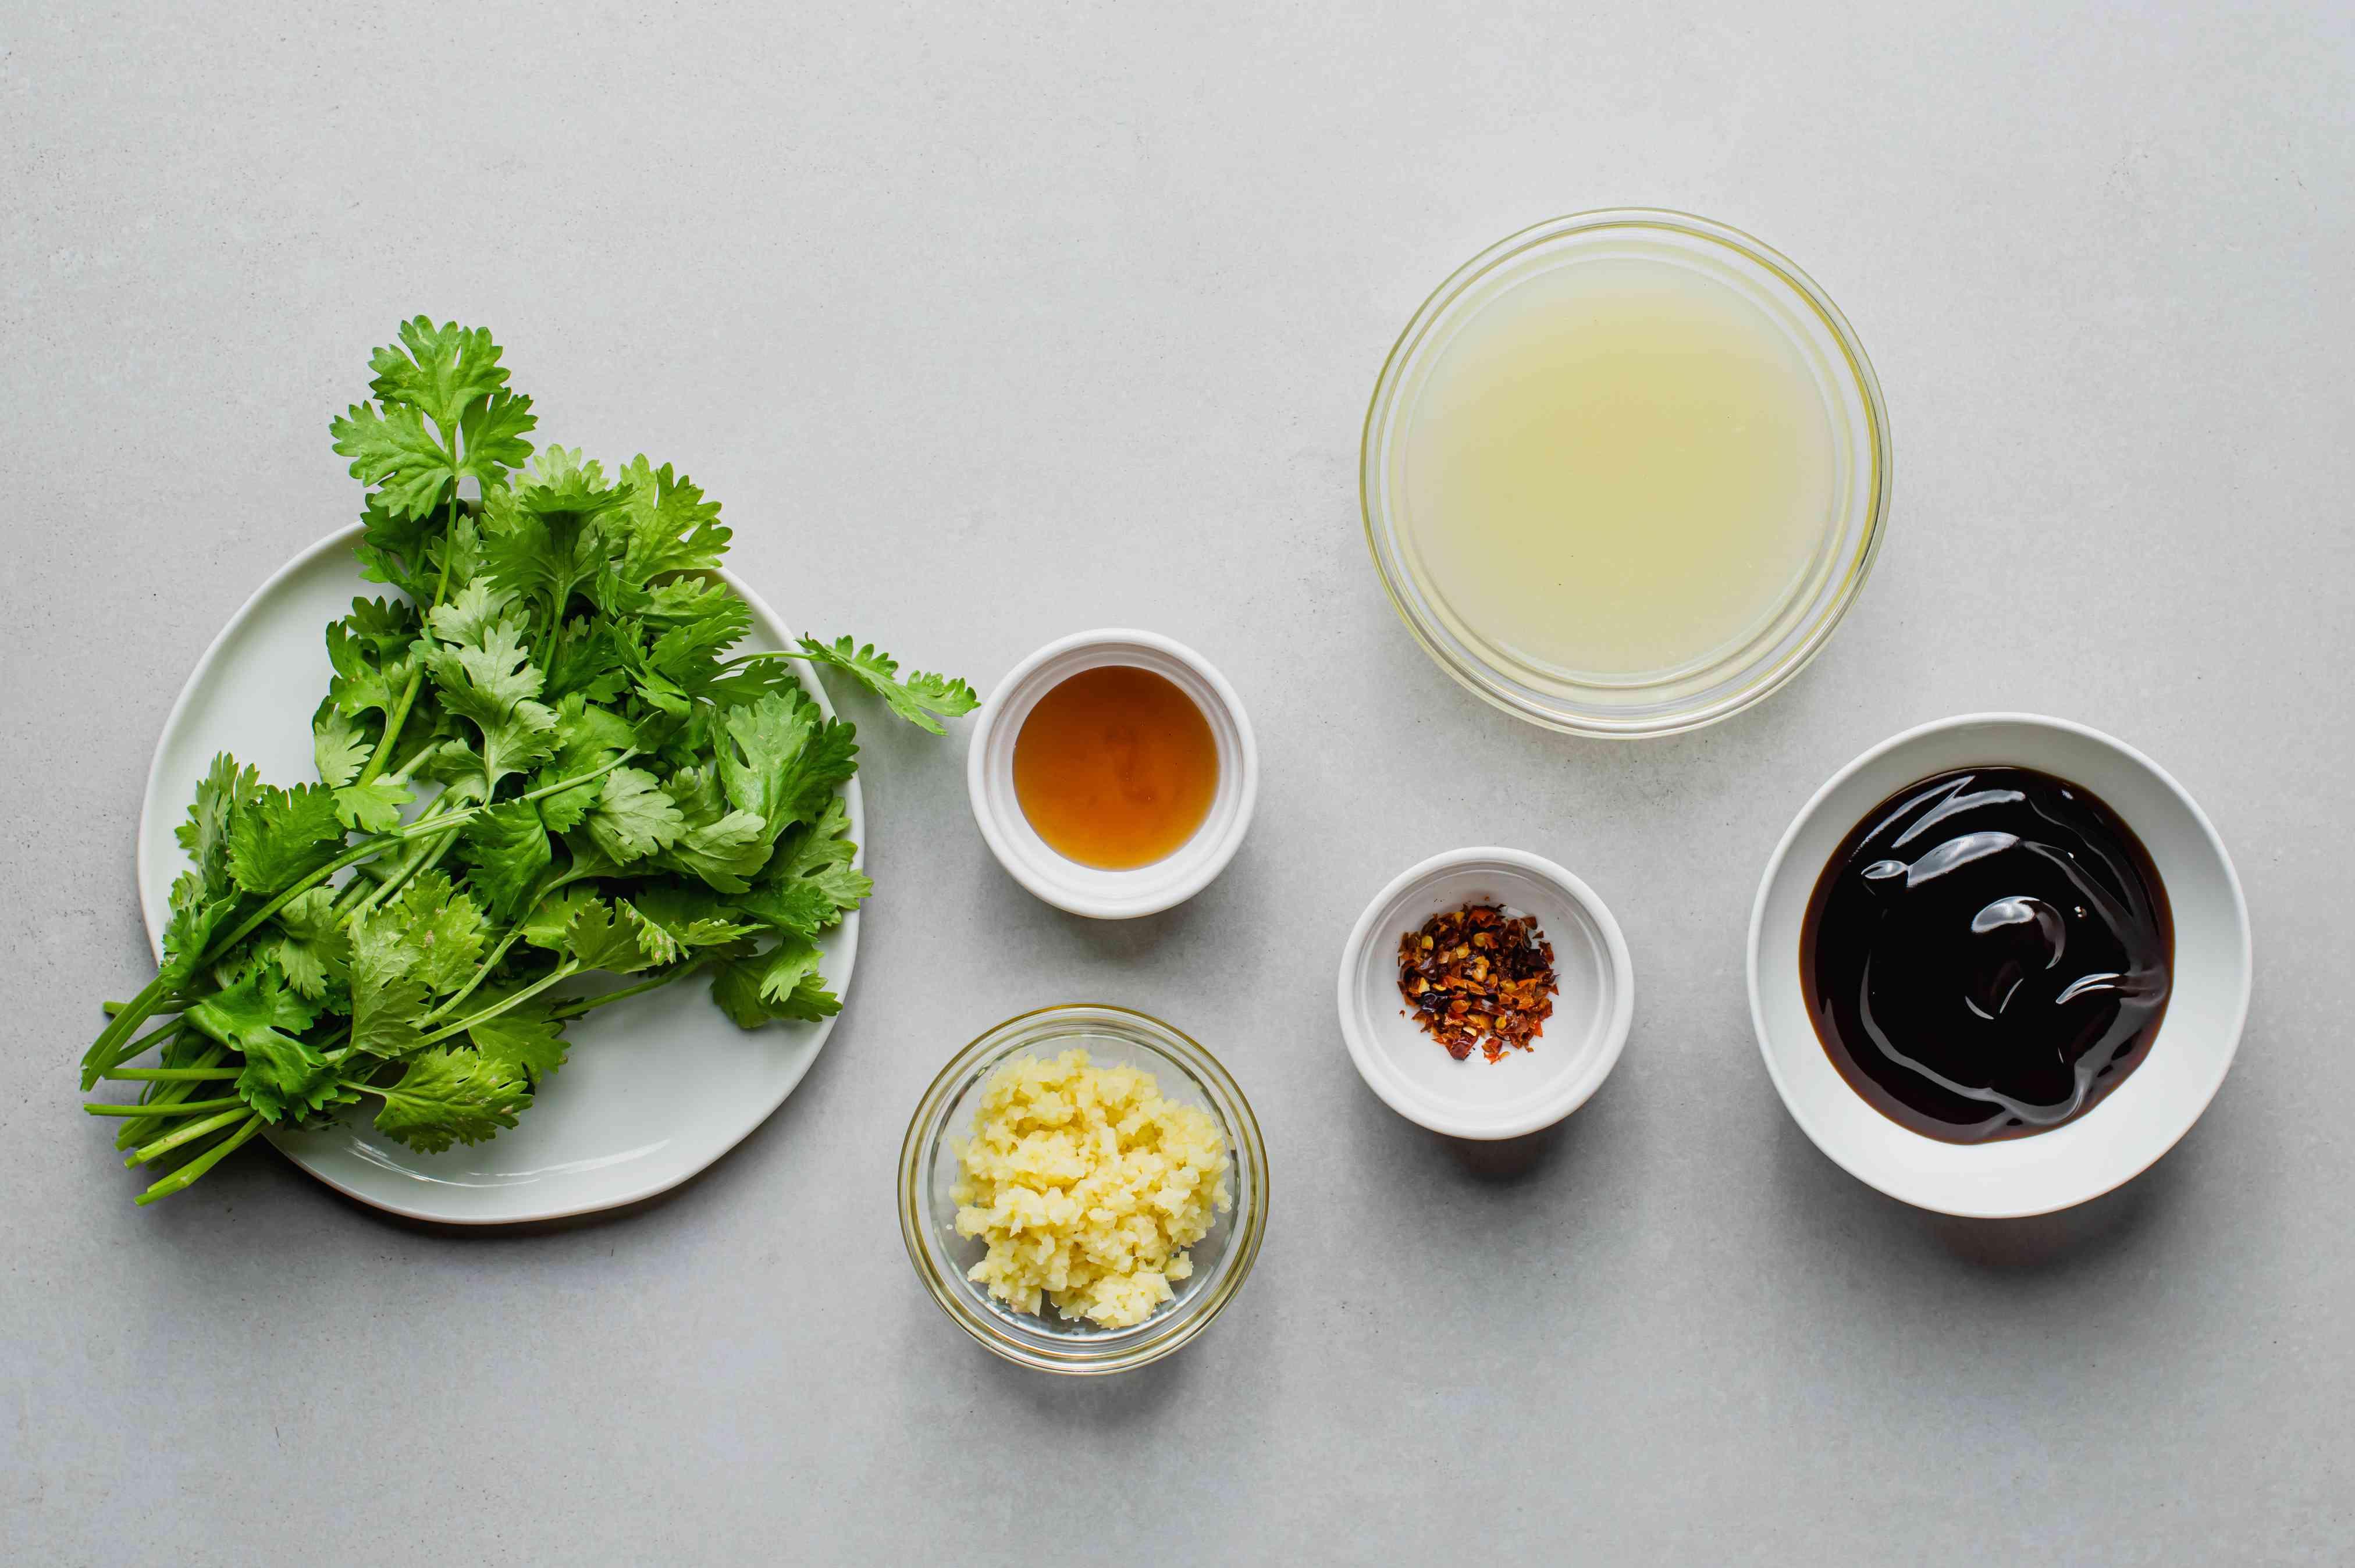 vegan stir fry sauce ingredients